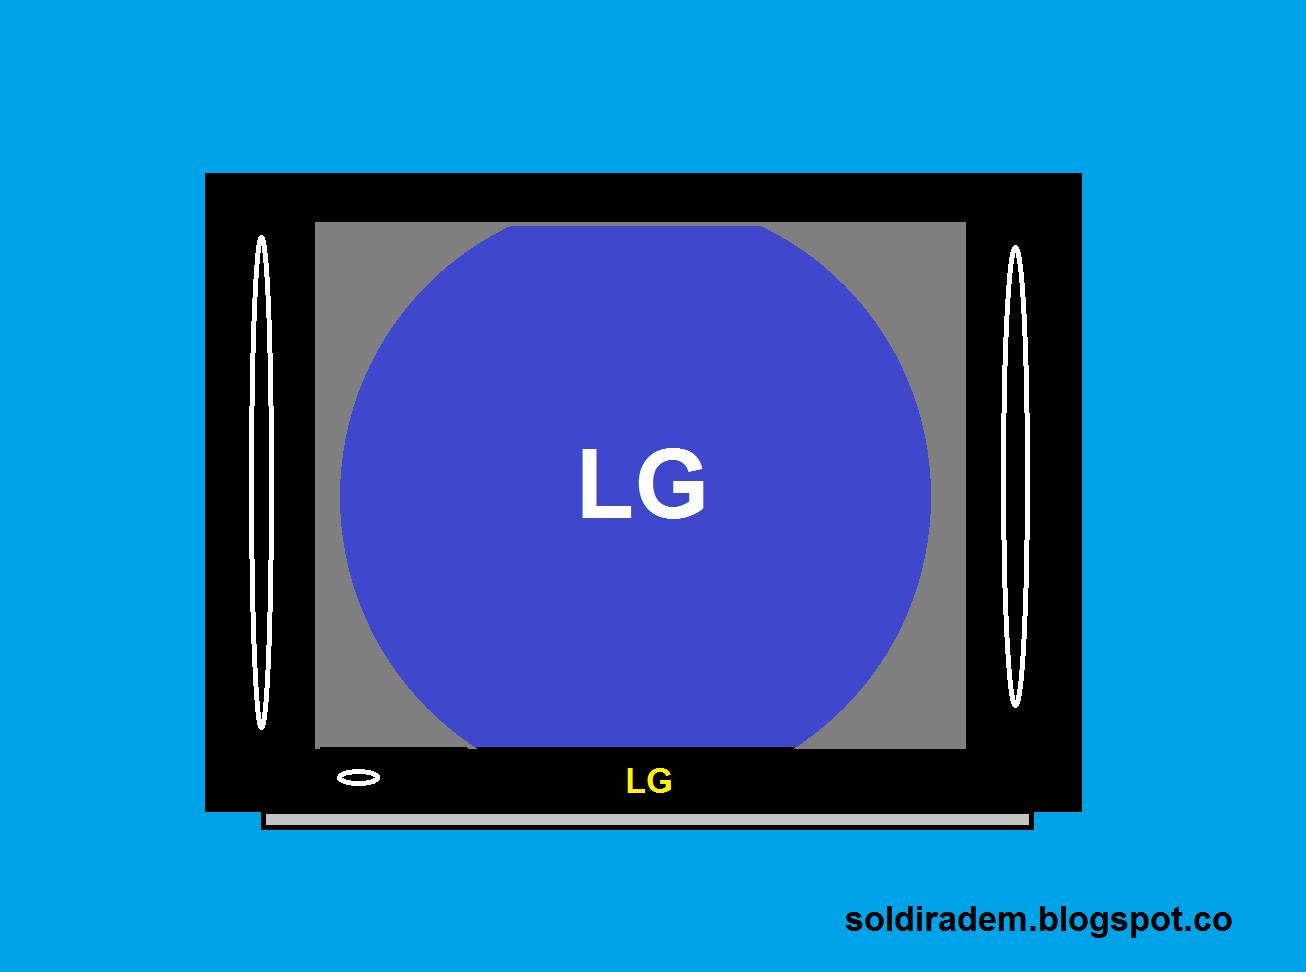 Memperbaiki Tv Lg Pearl Black Layar Melengkung Kedalam Bulat Soldiradem Blog